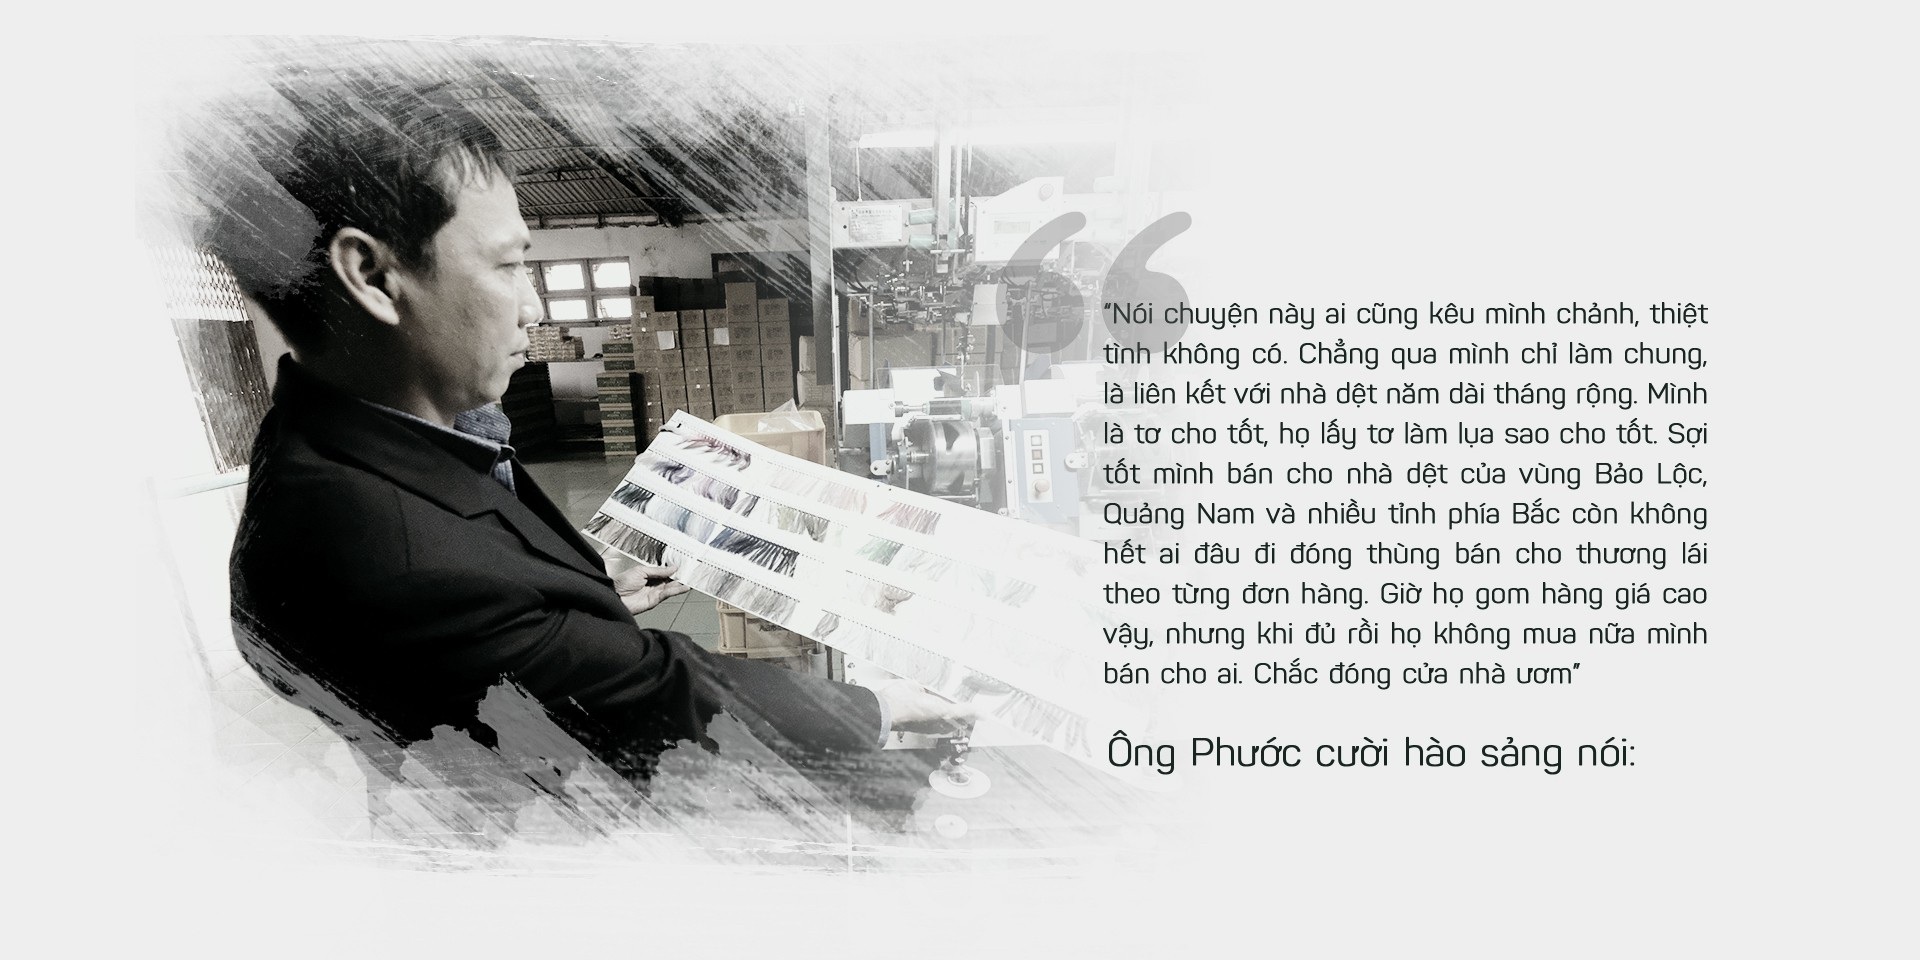 Tơ lụa Việt Nam: Sứ mệnh mới của thủ phủ tơ tằm Bảo Lộc - Ảnh 4.